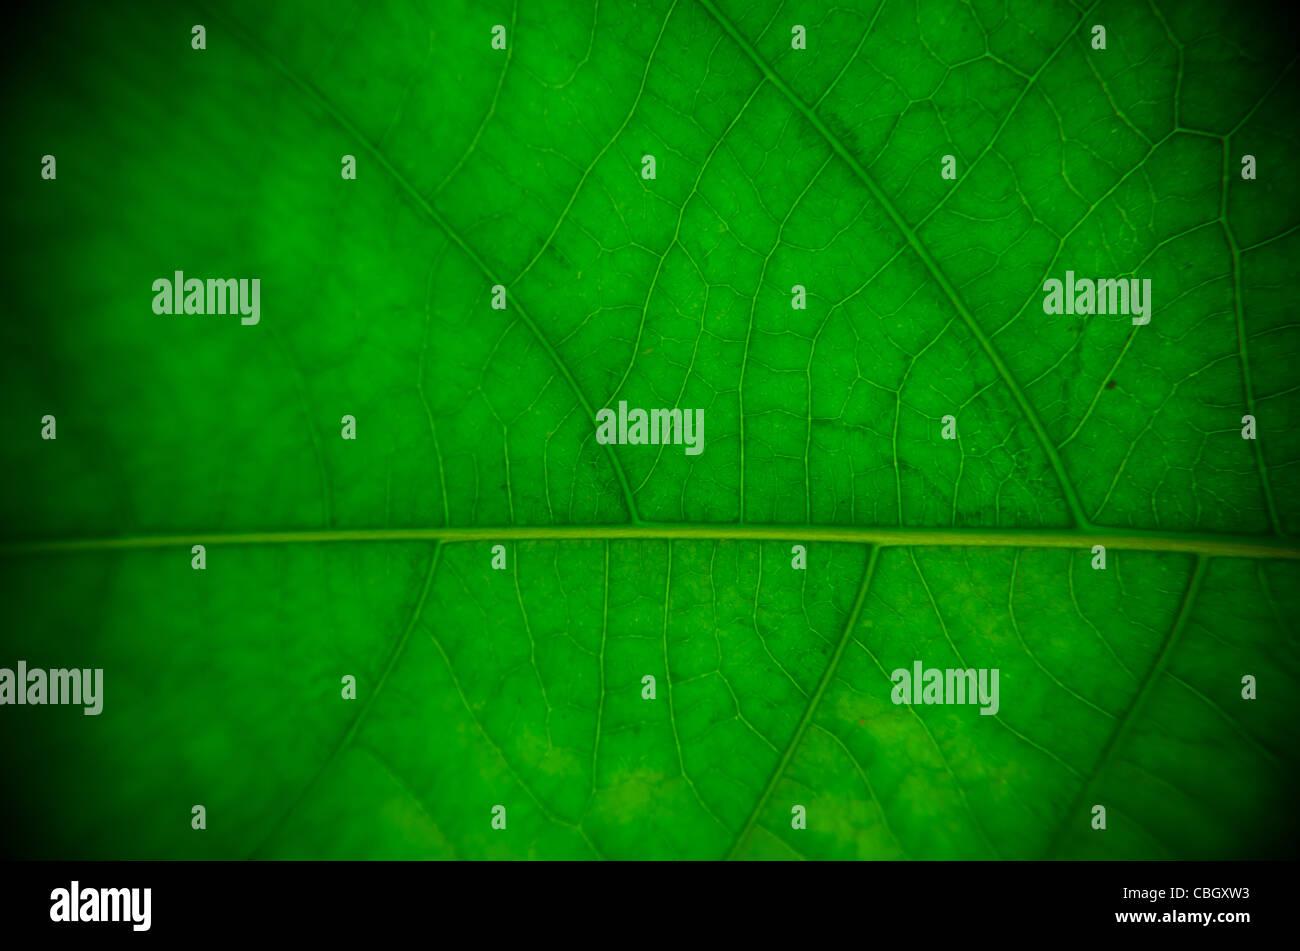 Detaillierte Nahaufnahme von grünen Blatt. Ideal für einen Hintergrund oder Textur. Stockfoto